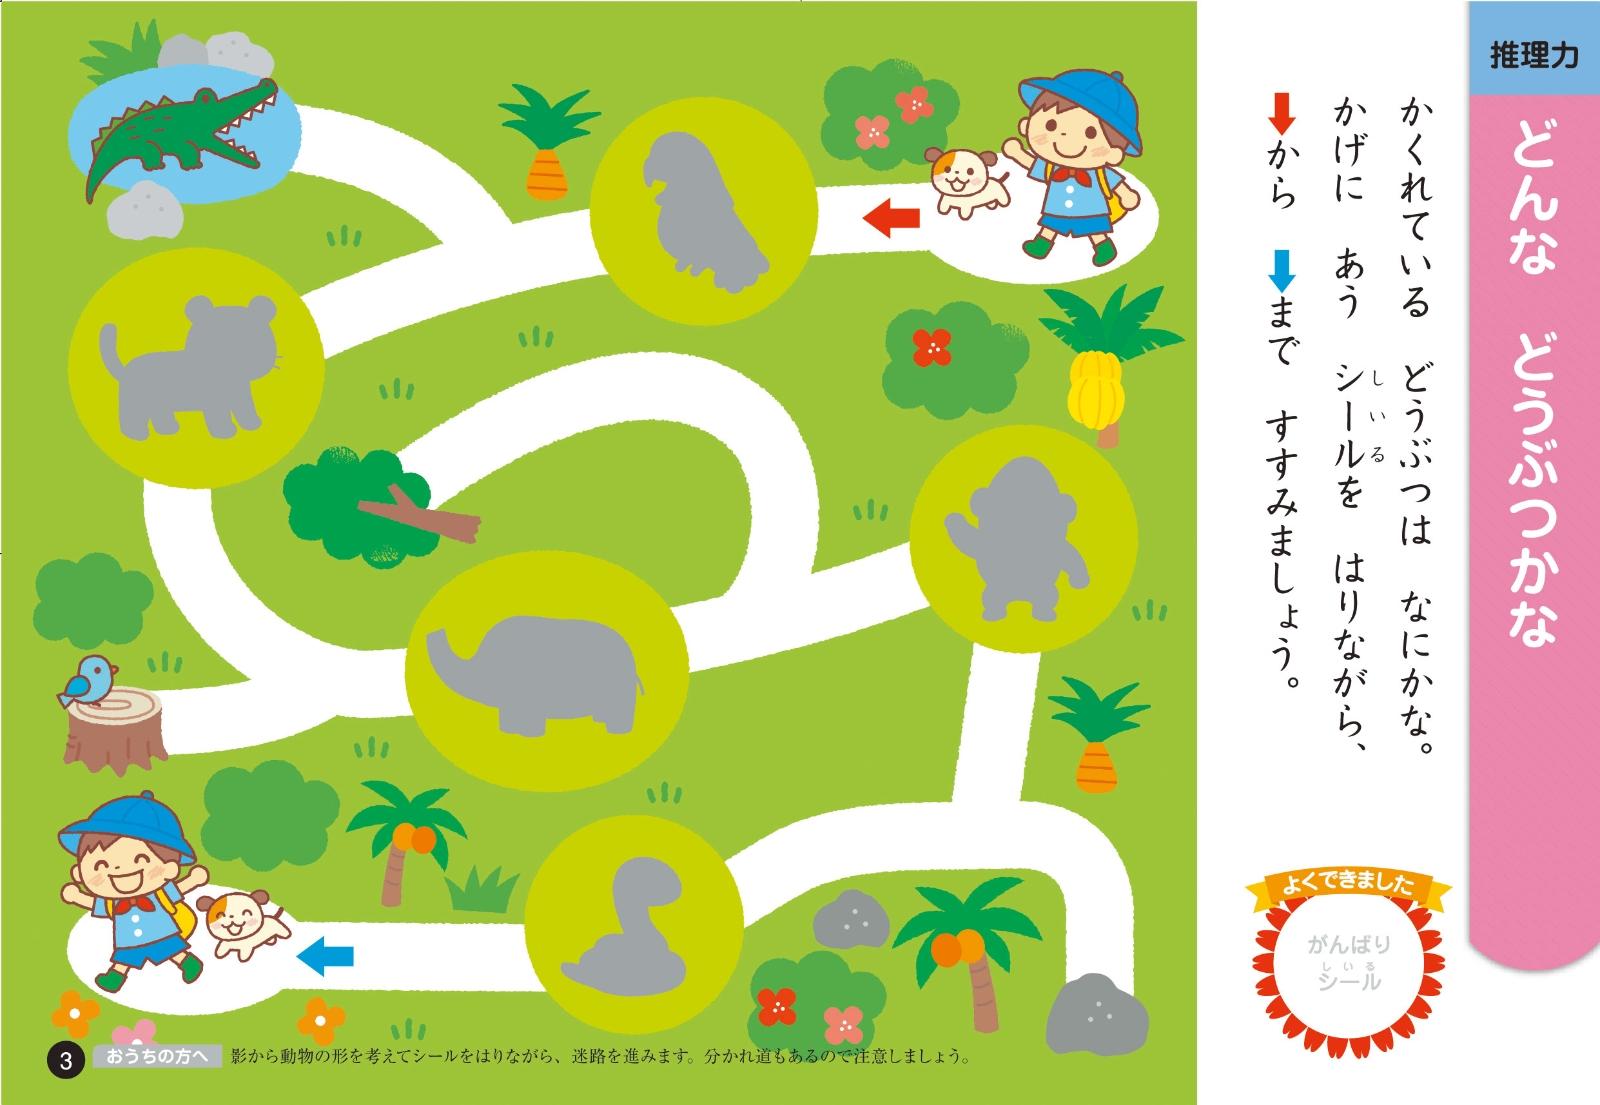 「迷路で遊ぶ 3歳」の画像検索結果